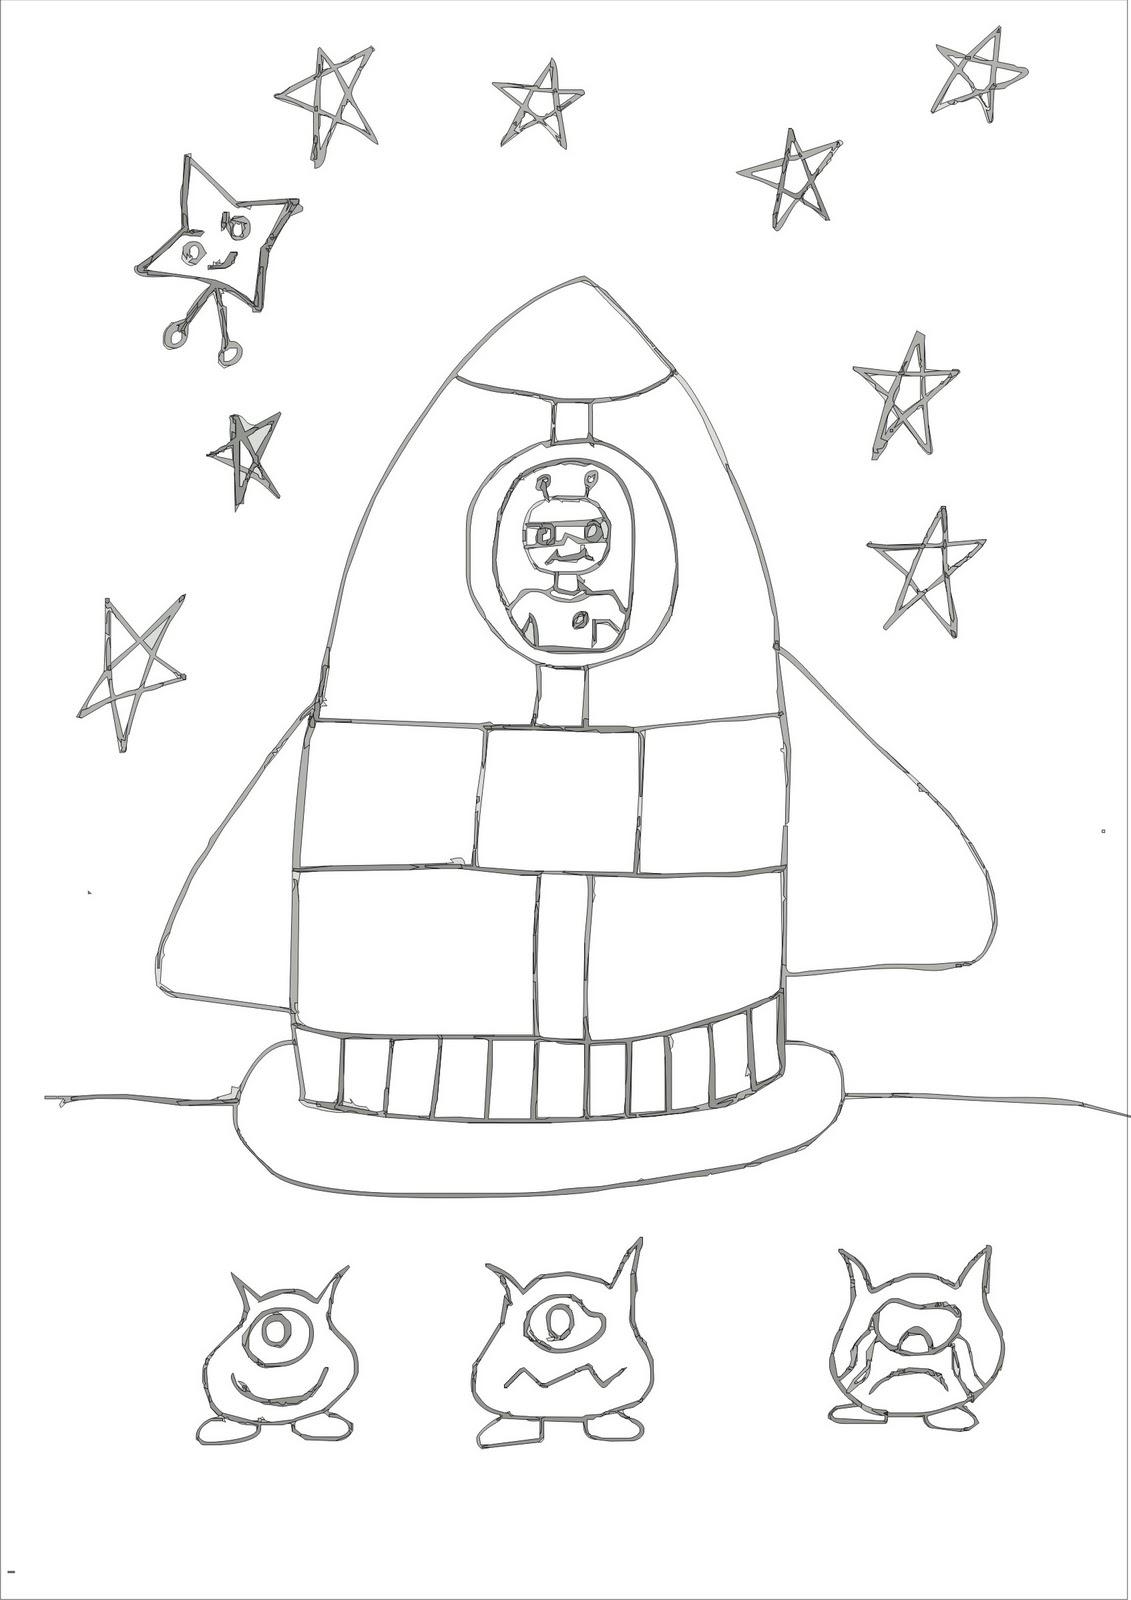 venus planet coloring pages - photo#35